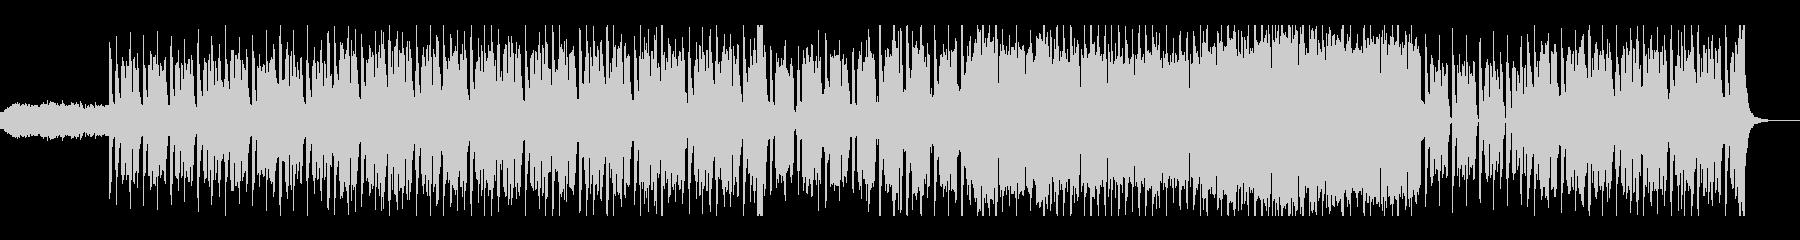 レトロなテクノポップの未再生の波形